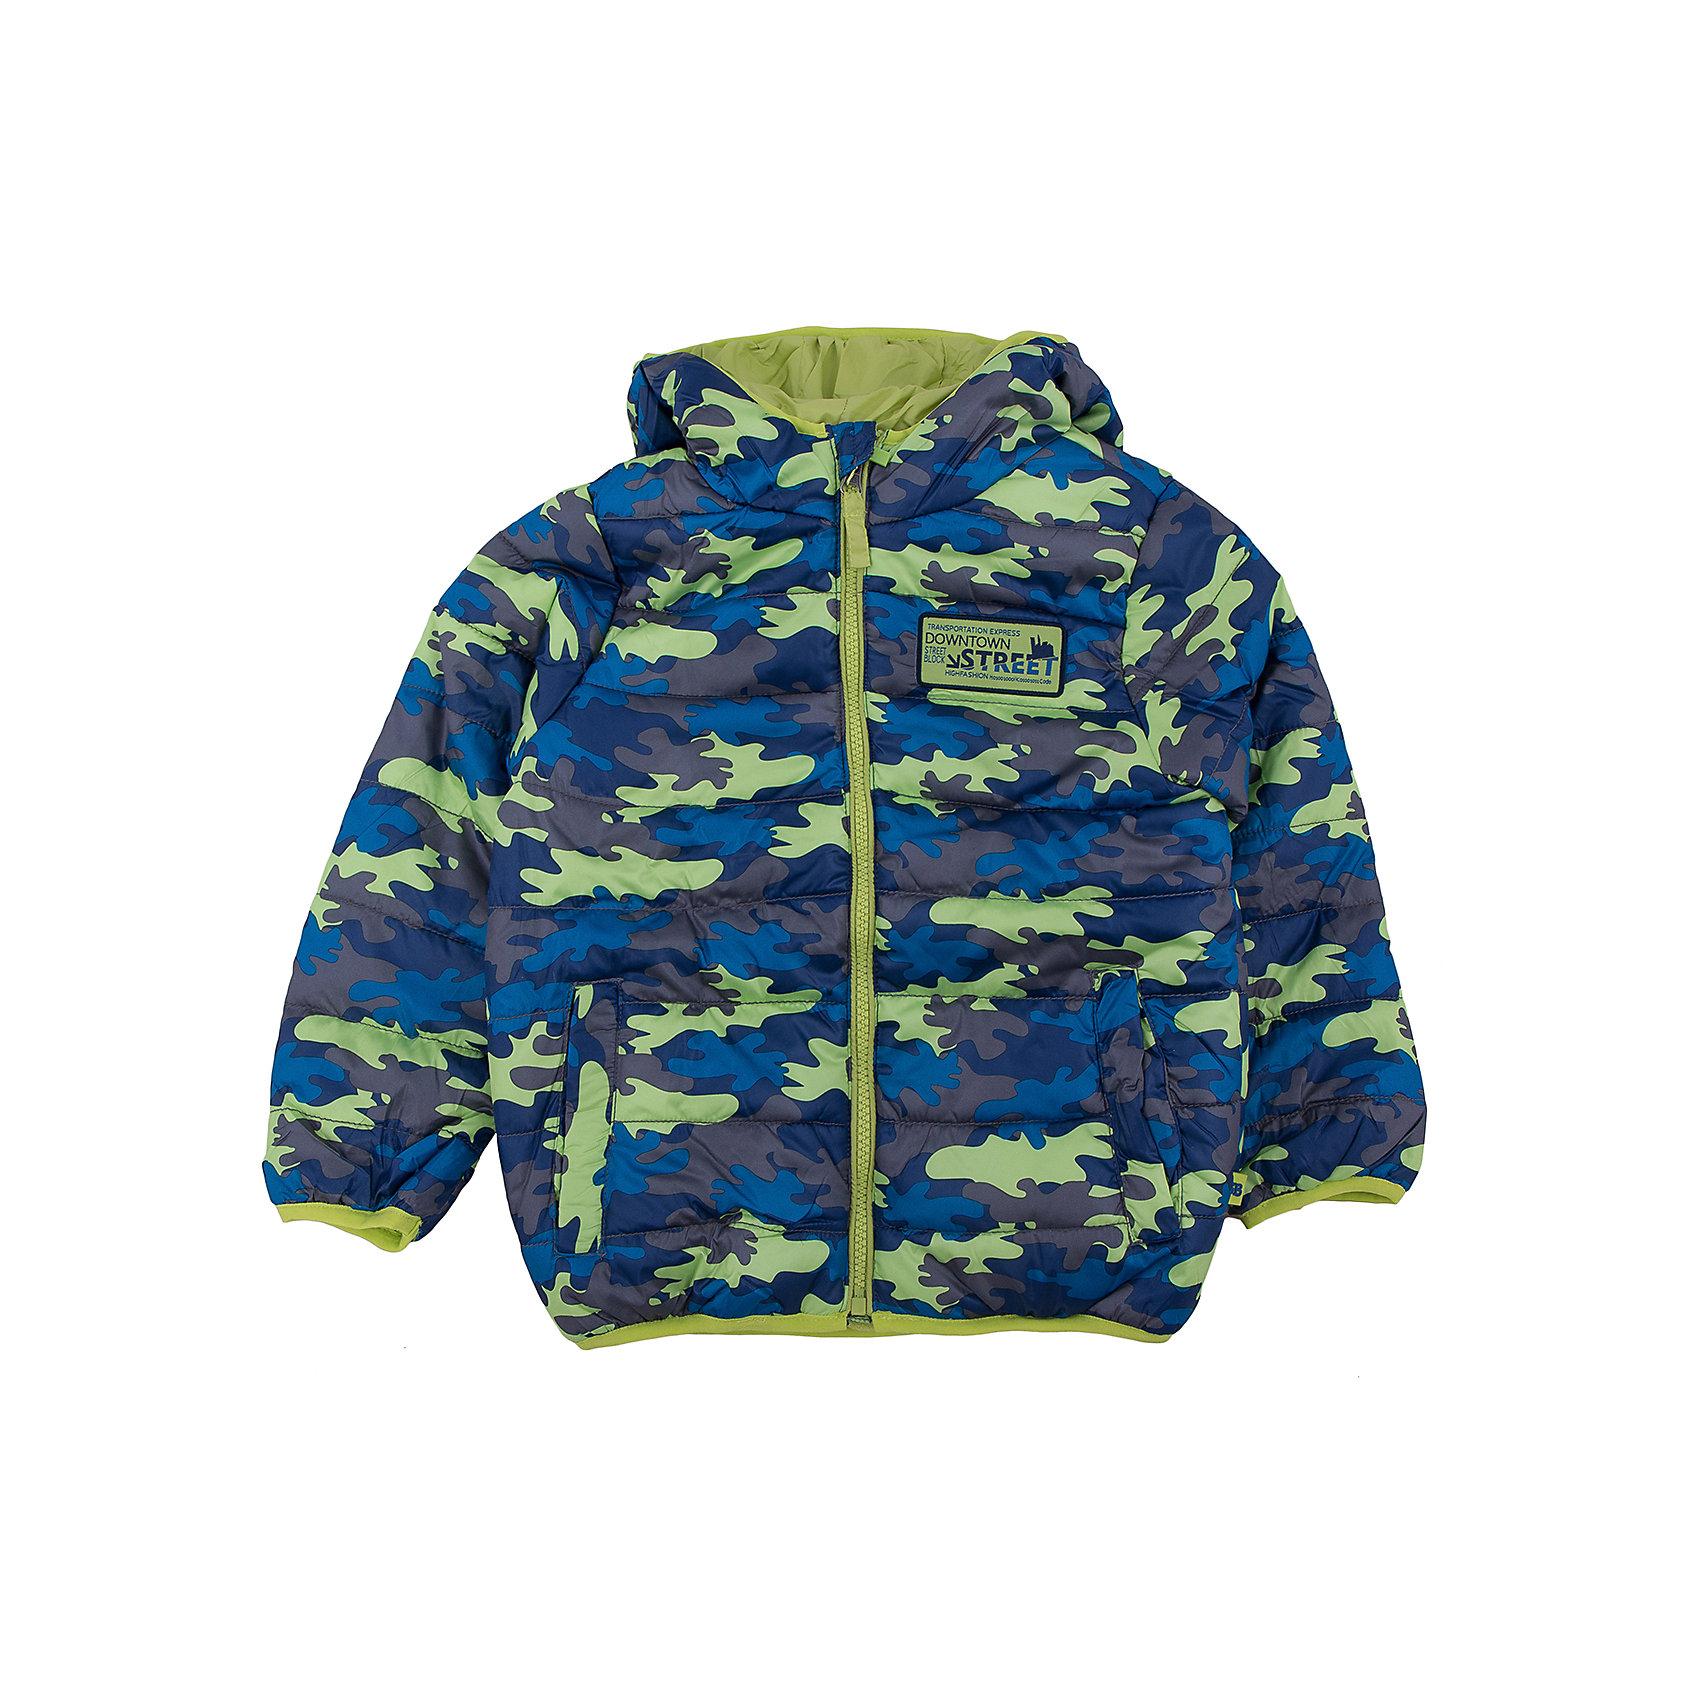 Куртка для мальчика Sweet BerryКуртка для мальчика.<br><br>Температурный режим: до -5 градусов. Степень утепления – низкая. <br><br>* Температурный режим указан приблизительно — необходимо, прежде всего, ориентироваться на ощущения ребенка. Температурный режим работает в случае соблюдения правила многослойности – использования флисовой поддевы и термобелья.<br><br>Такая модель куртки для мальчика отличается модным дизайном. Удачный крой обеспечит ребенку комфорт и тепло. Флисовая подкладка делает вещь идеальной для прохладной погоды. Она плотно прилегает к телу там, где нужно, и отлично сидит по фигуре. Декорирована модель модной нашивкой и удобными карманами.<br>Одежда от бренда Sweet Berry - это простой и выгодный способ одеть ребенка удобно и стильно. Всё изделия тщательно проработаны: швы - прочные, материал - качественный, фурнитура - подобранная специально для детей. <br><br>Дополнительная информация:<br><br>цвет: зеленый, милитари;<br>капюшон;<br>материал: верх, подкладка, наполнитель - 100% полиэстер;<br>застежка: молния;<br>карманы.<br><br>Куртку для мальчика от бренда Sweet Berry можно купить в нашем интернет-магазине.<br><br>Ширина мм: 356<br>Глубина мм: 10<br>Высота мм: 245<br>Вес г: 519<br>Цвет: зеленый<br>Возраст от месяцев: 36<br>Возраст до месяцев: 48<br>Пол: Мужской<br>Возраст: Детский<br>Размер: 104,98,128,122,116,110<br>SKU: 4930662